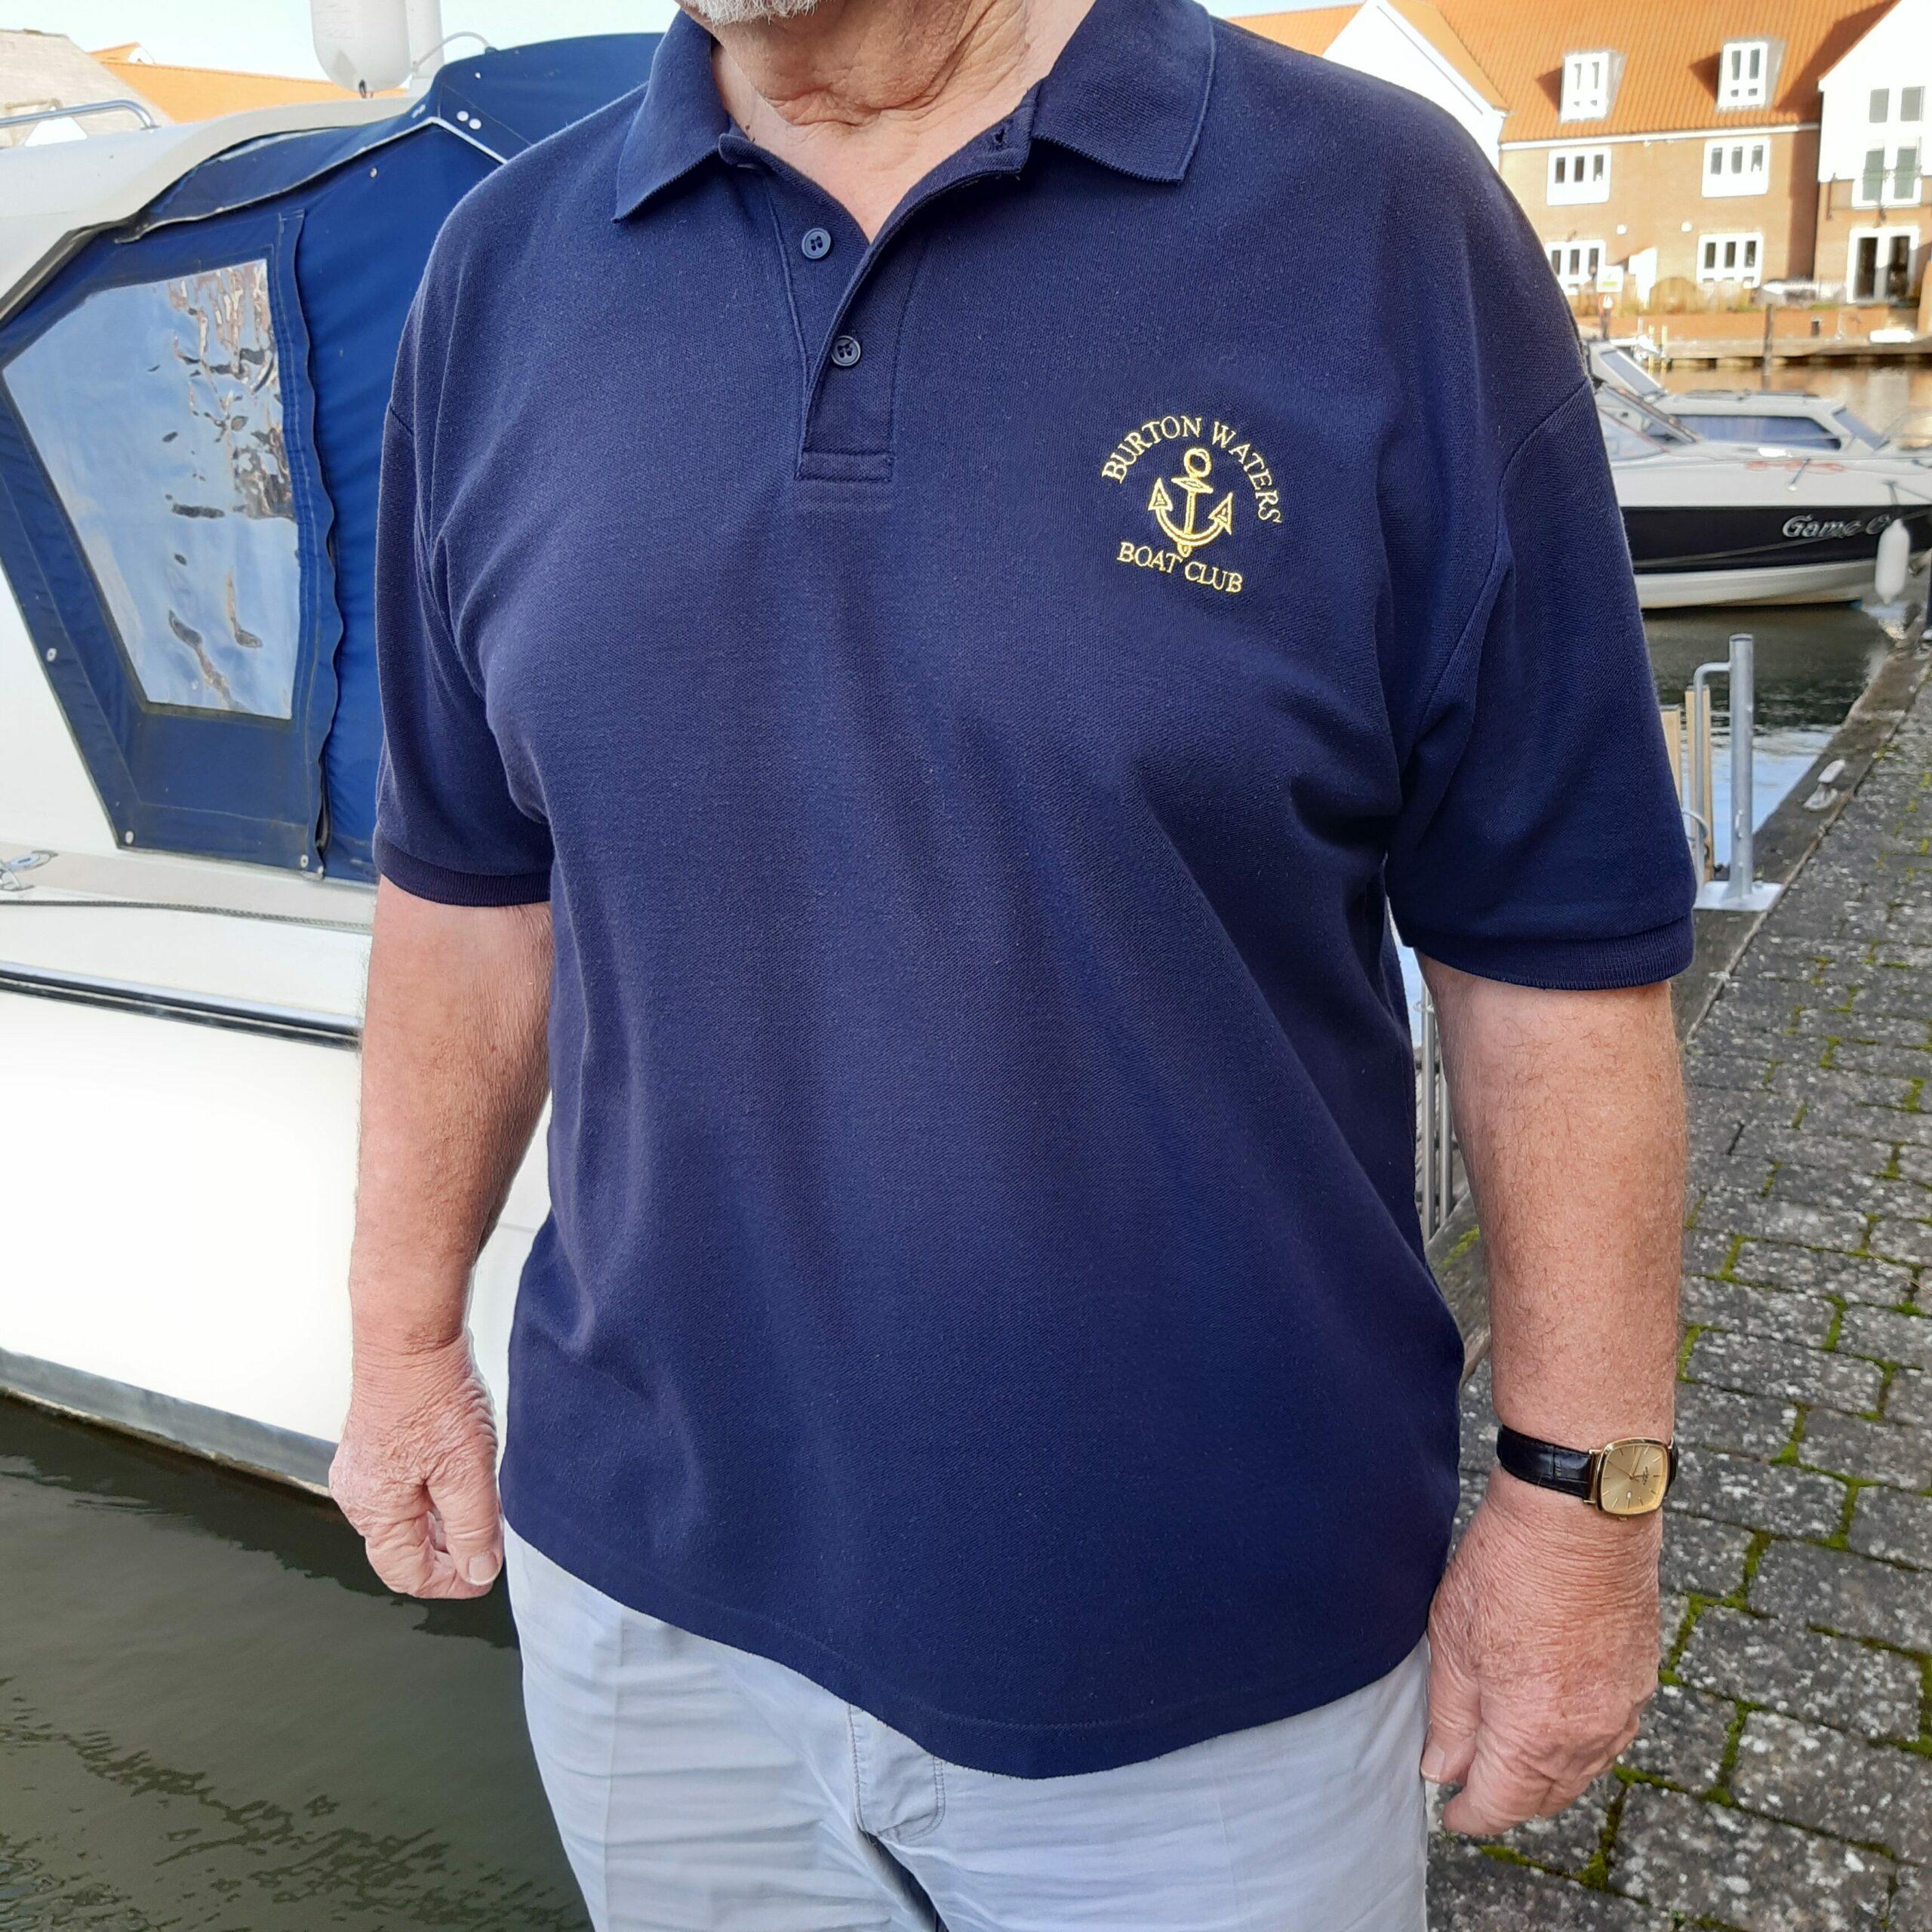 Polo Shirt Image